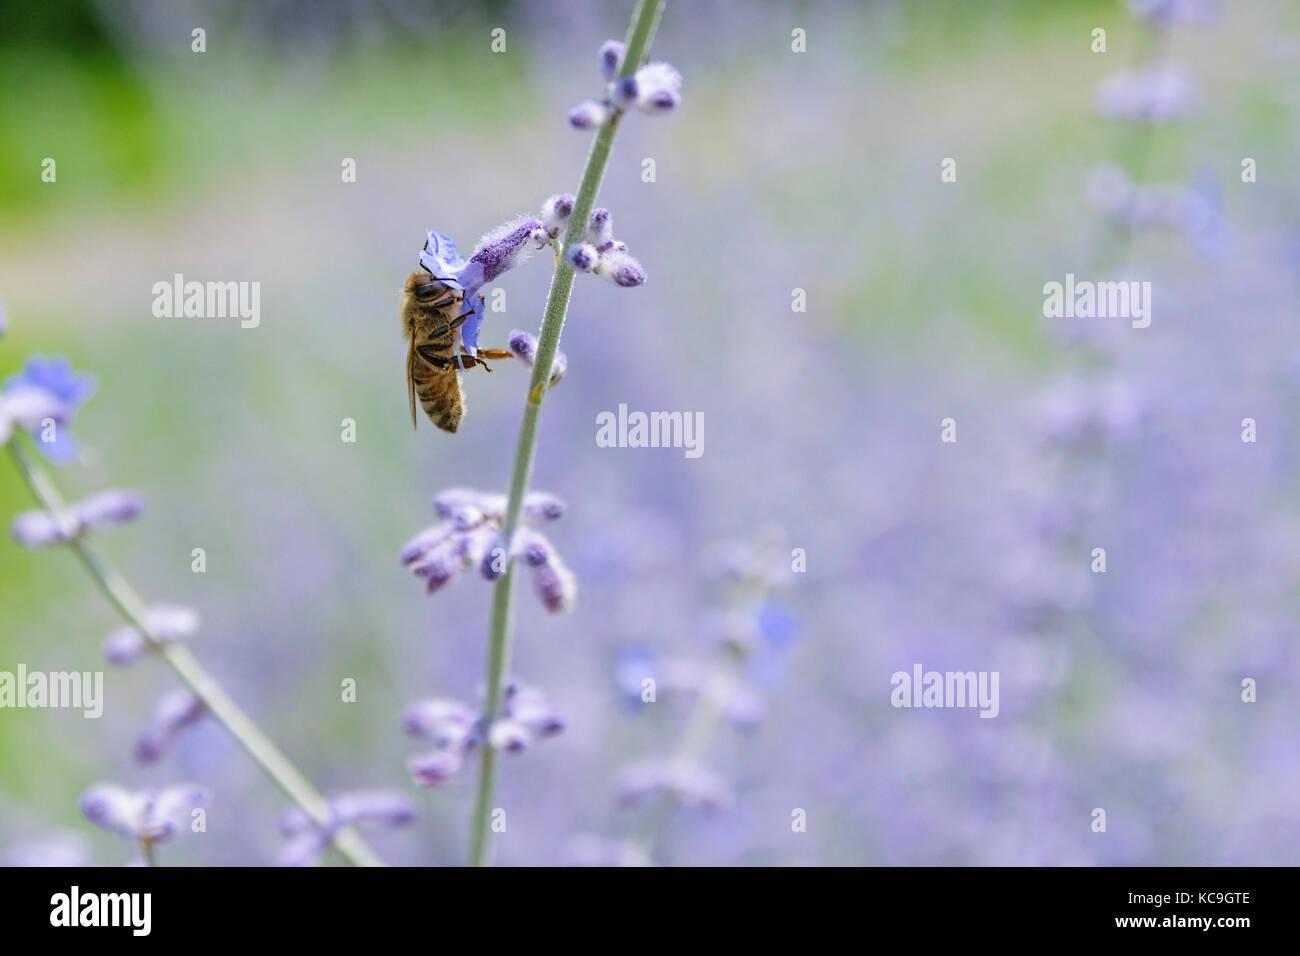 Ángulo lateral cerca de abeja recogiendo polen de flores de salvia rusa o perovskia atriplicifolia Foto de stock